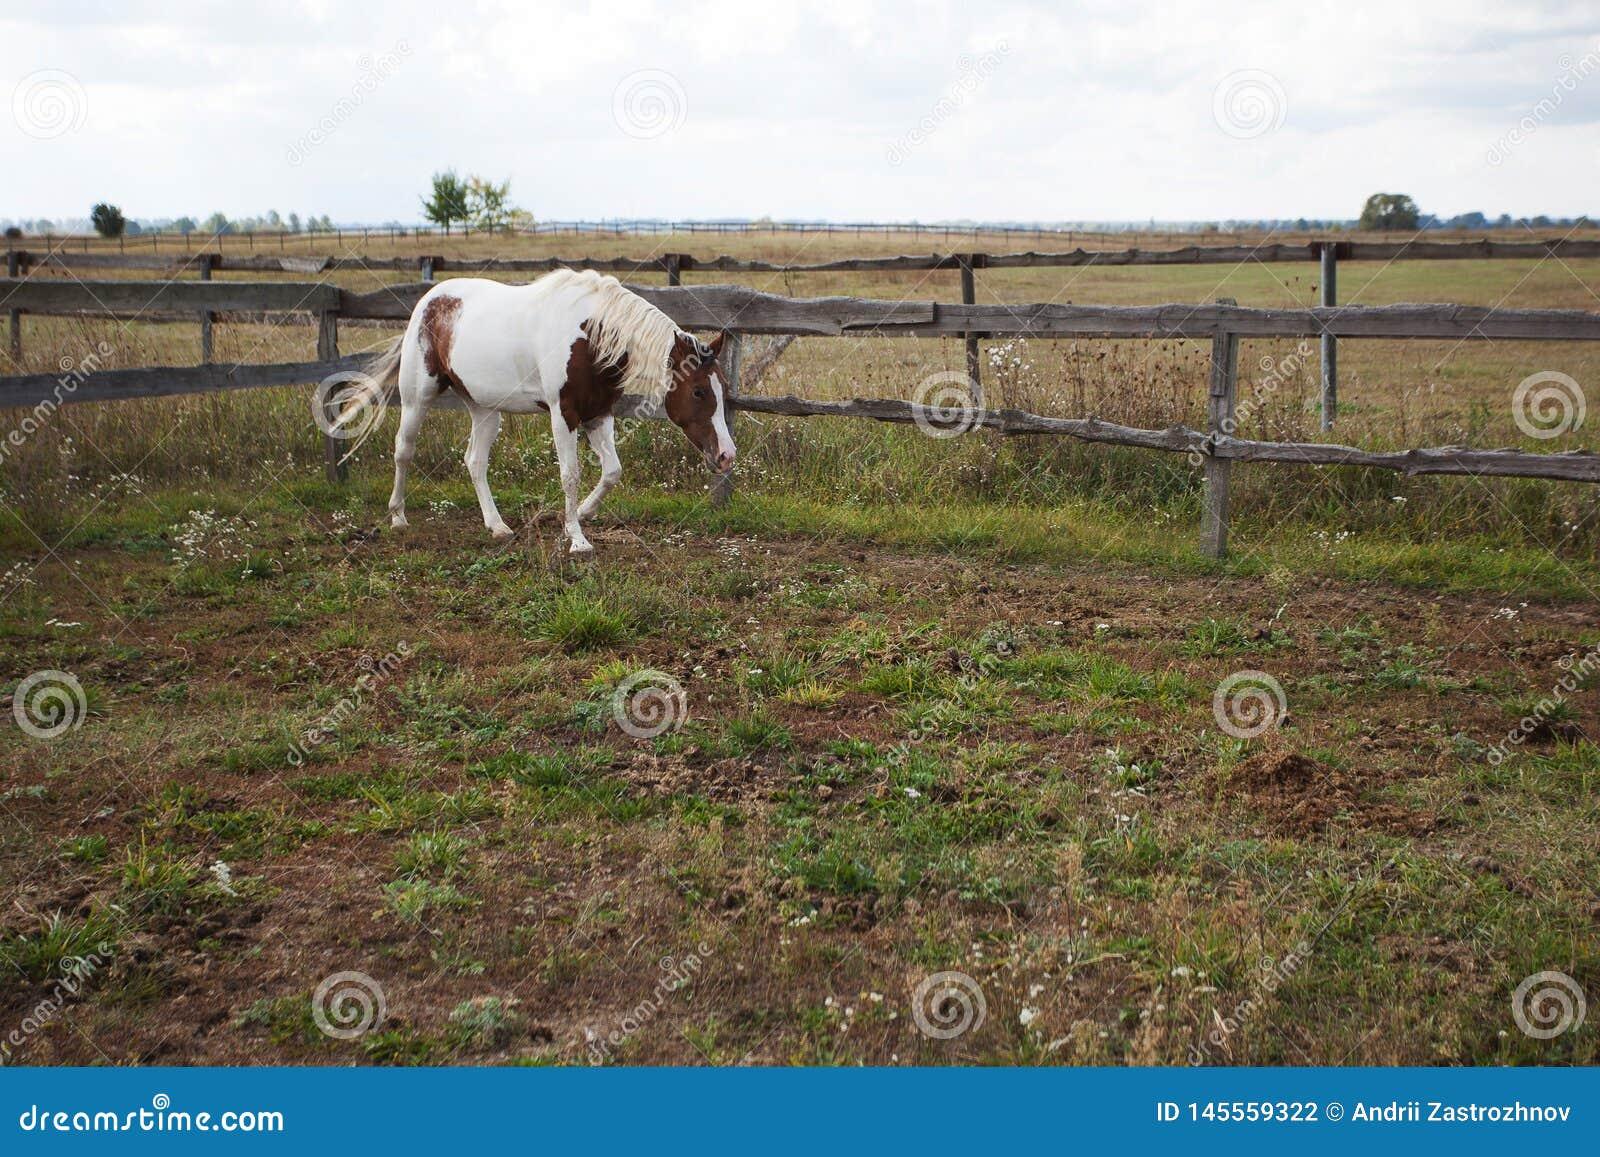 Koń z swój głową obniżającą chodzi wzdłuż corral